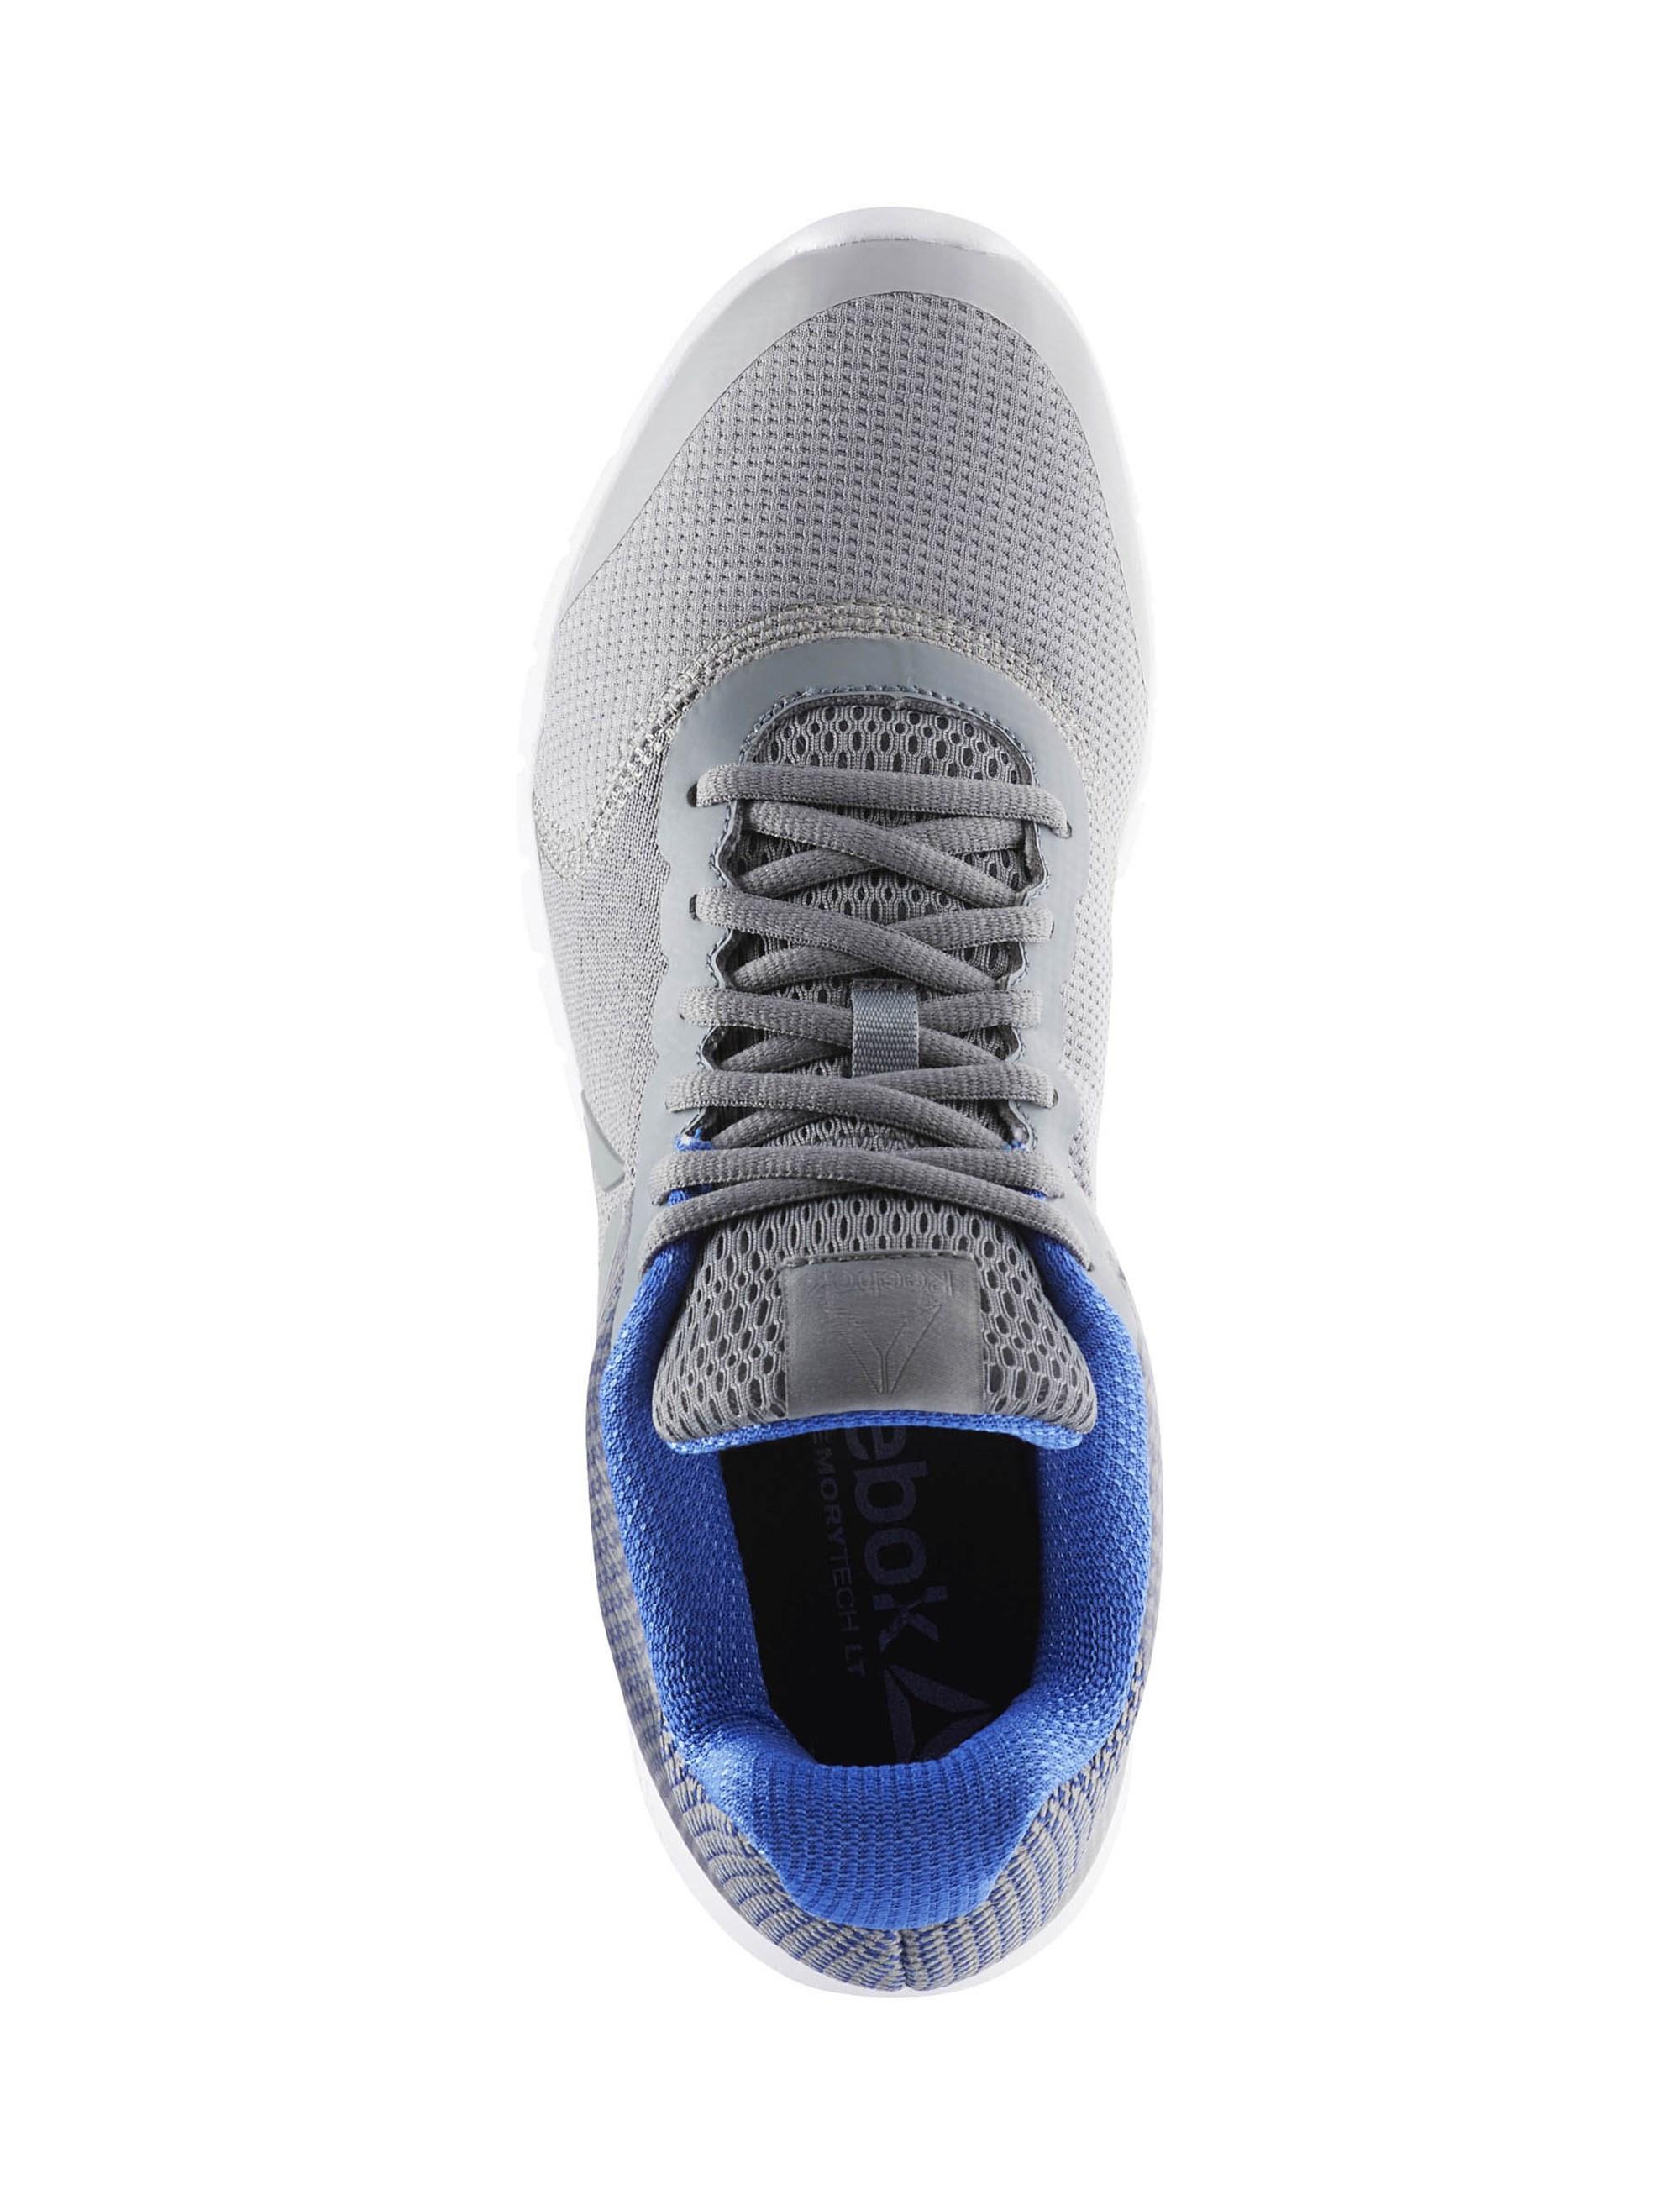 کفش مخصوص دویدن مردانه ریباک مدل Instalite Run کد CN0845 - طوسي - 5